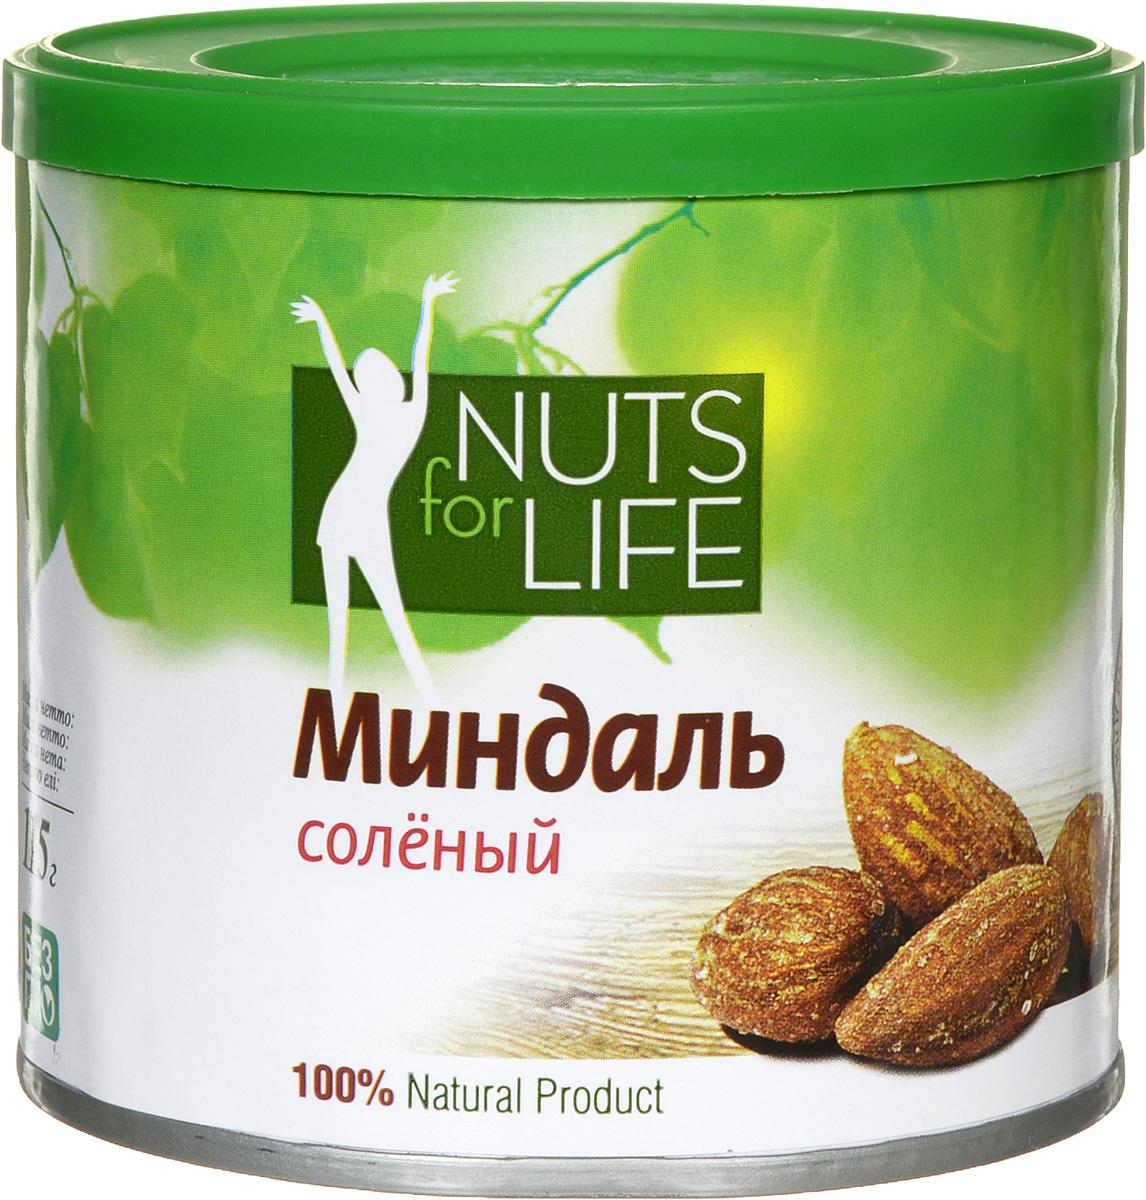 Nuts for Life Миндаль обжаренный соленый, 115 г0120710Миндаль — королевский орех! В сочетании с натуральной розовой морской солью его вкус стал еще богаче, насыщеннее и приятнее. Морская соль с бета-каротином поможет восполнить баланс минеральных веществ и микроэлементов в вашем организме, а миндаль с большим содержанием витамина Е поможет укрепить сердце, сосуды и ваше зрение!